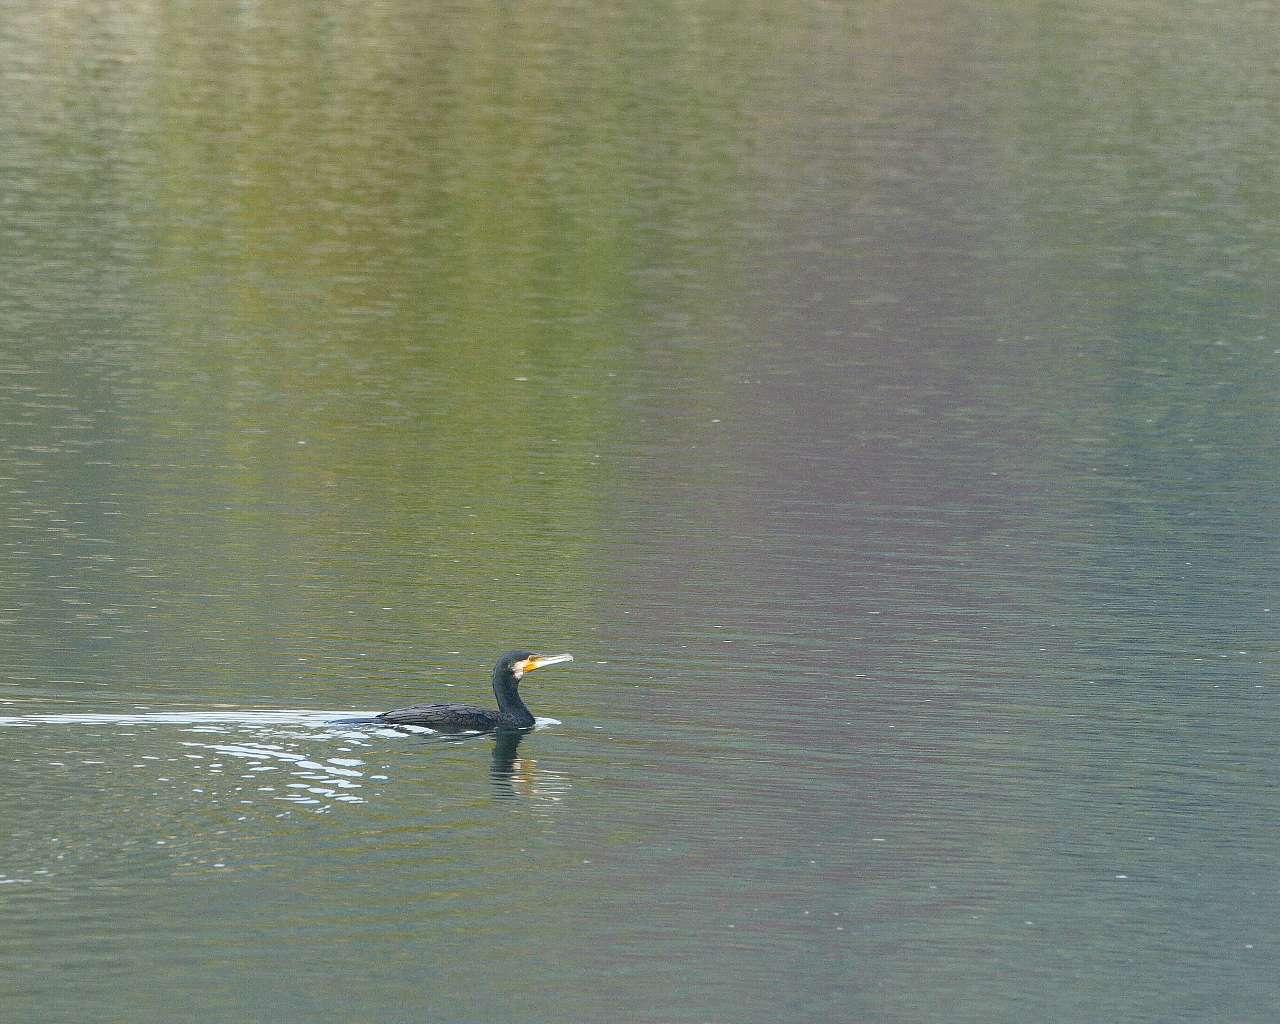 虹色カワウ(水面に映った紅葉と野鳥の美しい壁紙)_f0105570_2114541.jpg